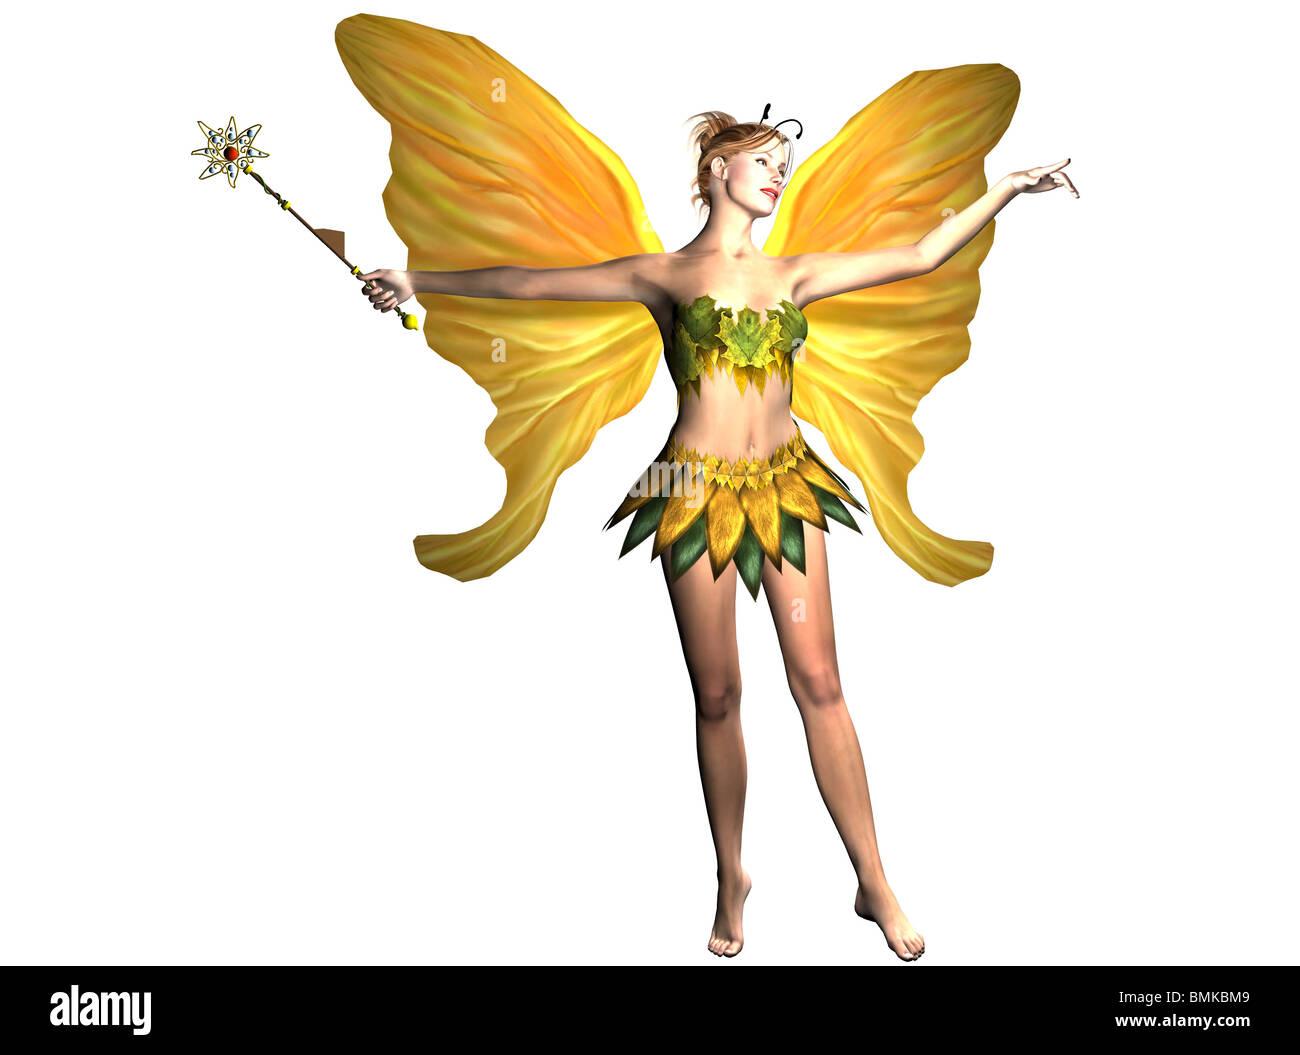 Fairy - Stock Image